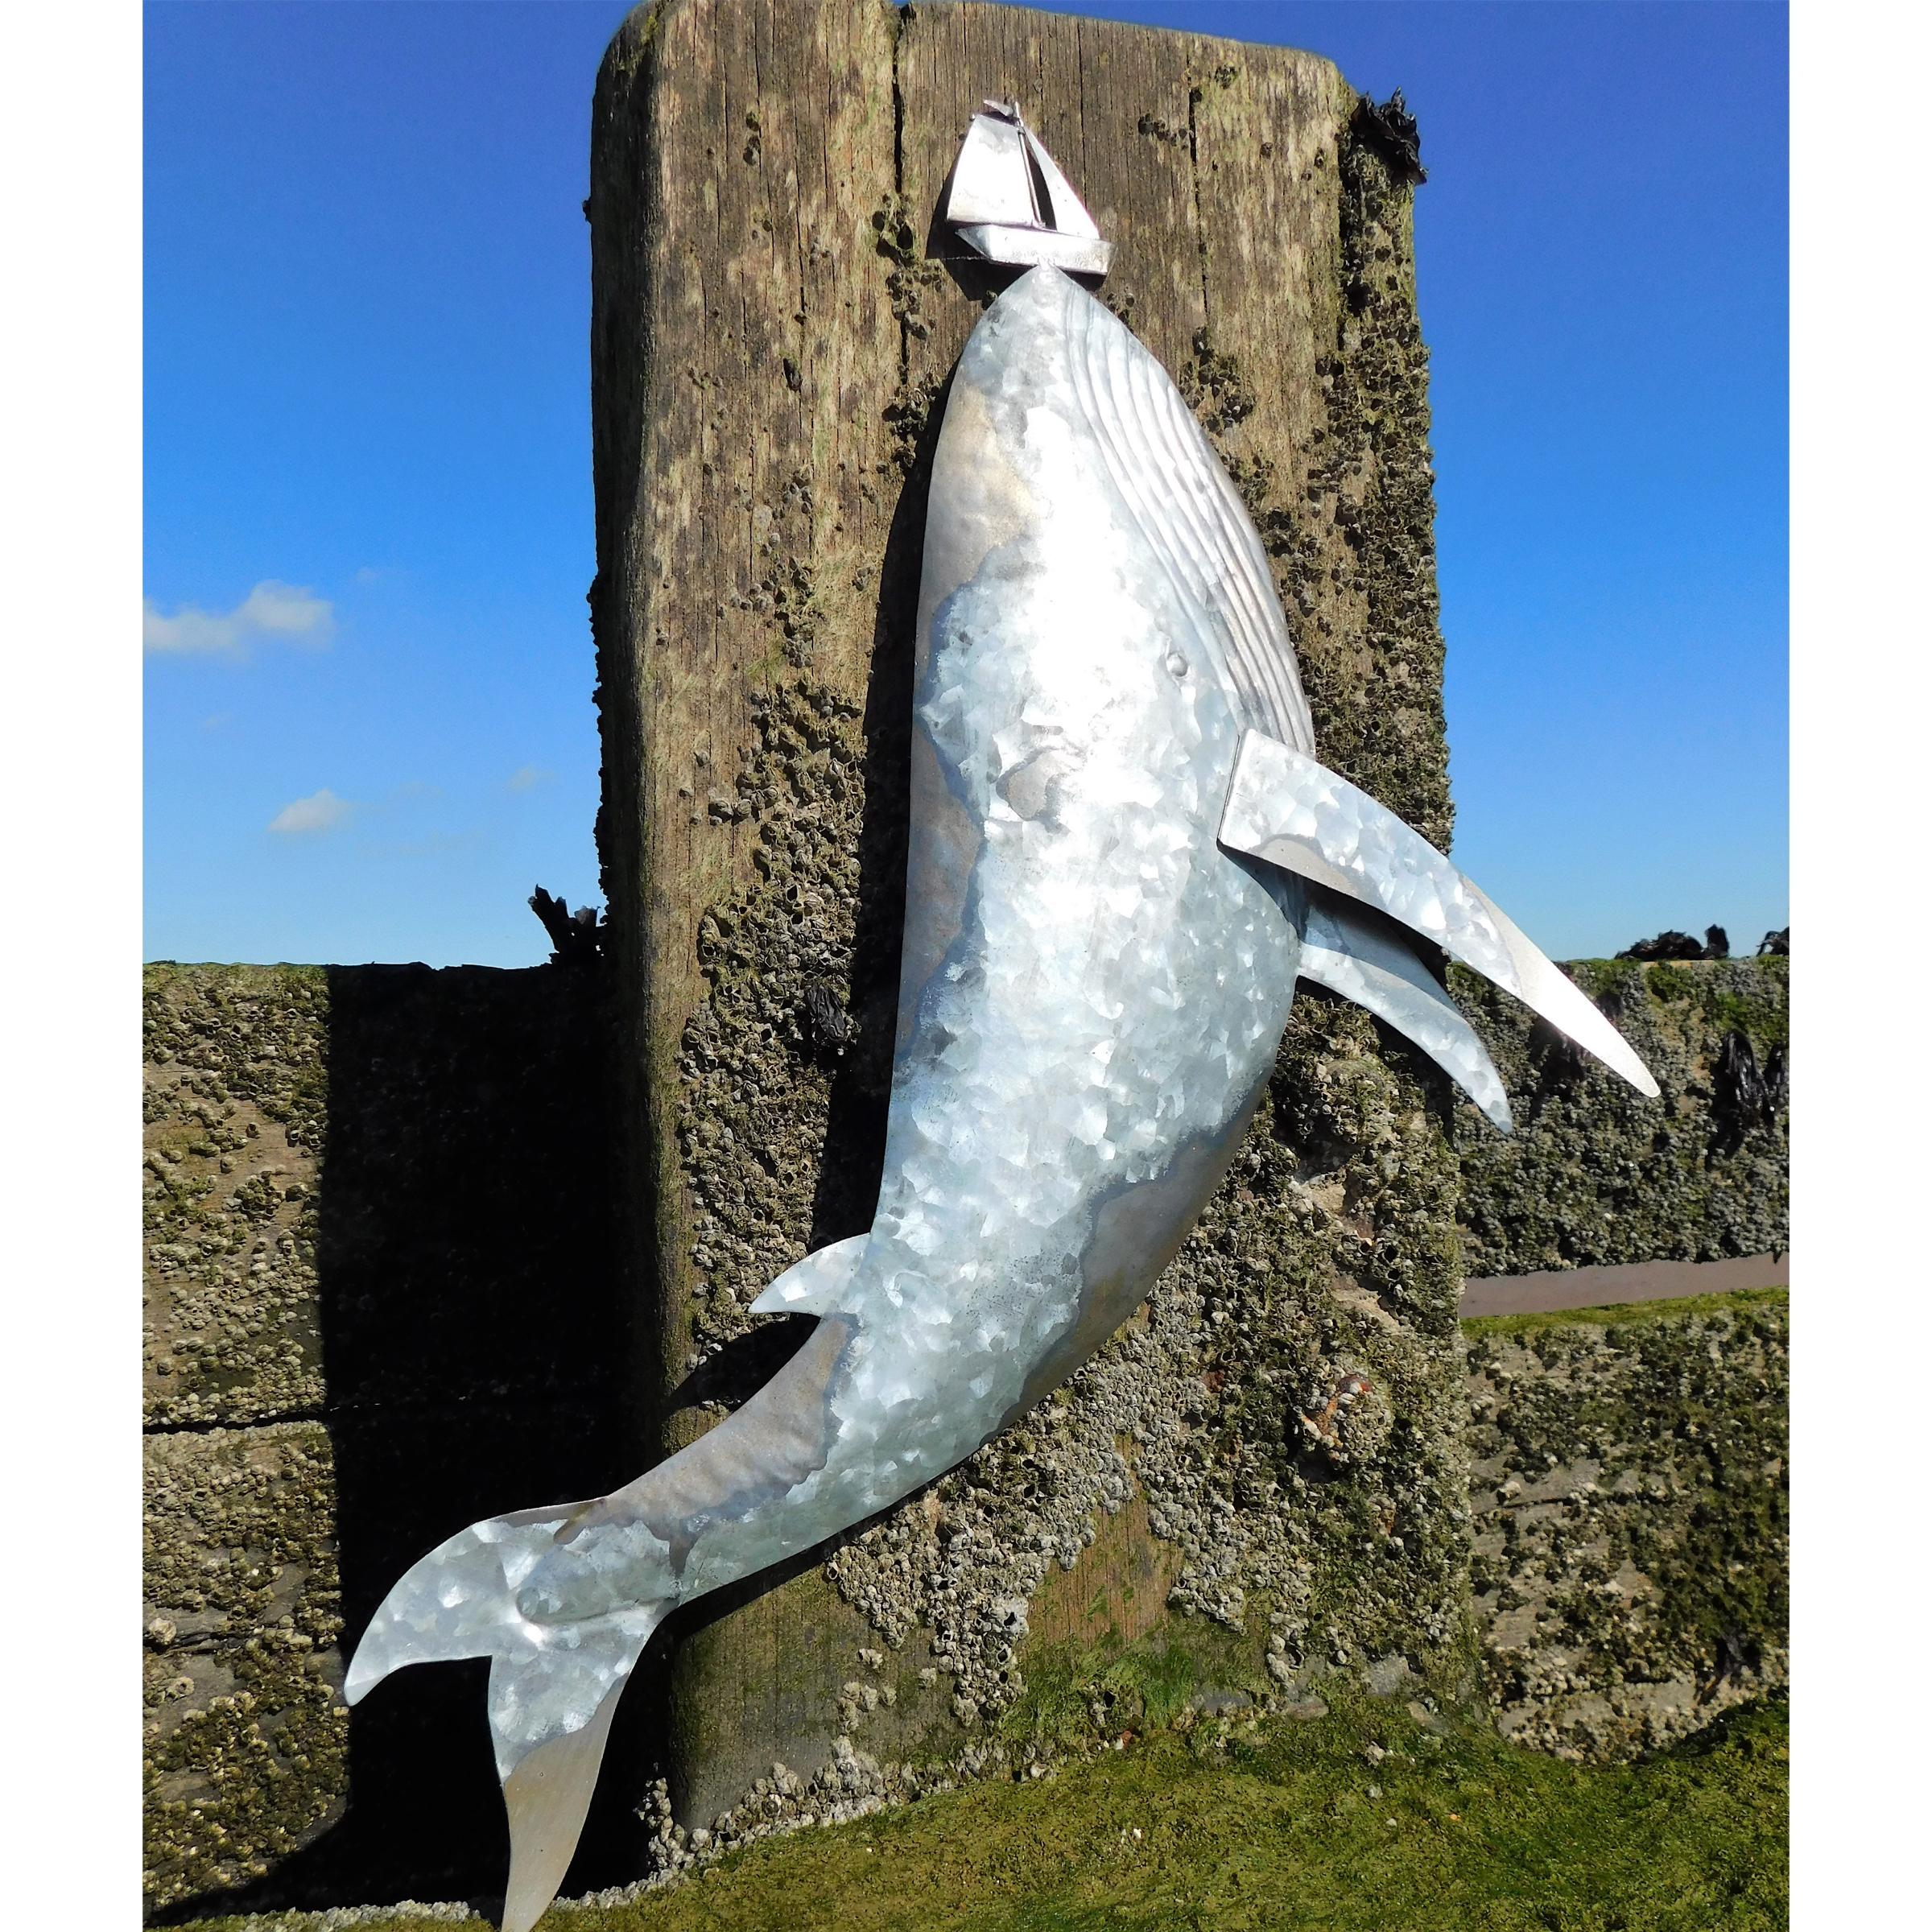 Tin Whale with Yacht 50cm SALE (£26.95)